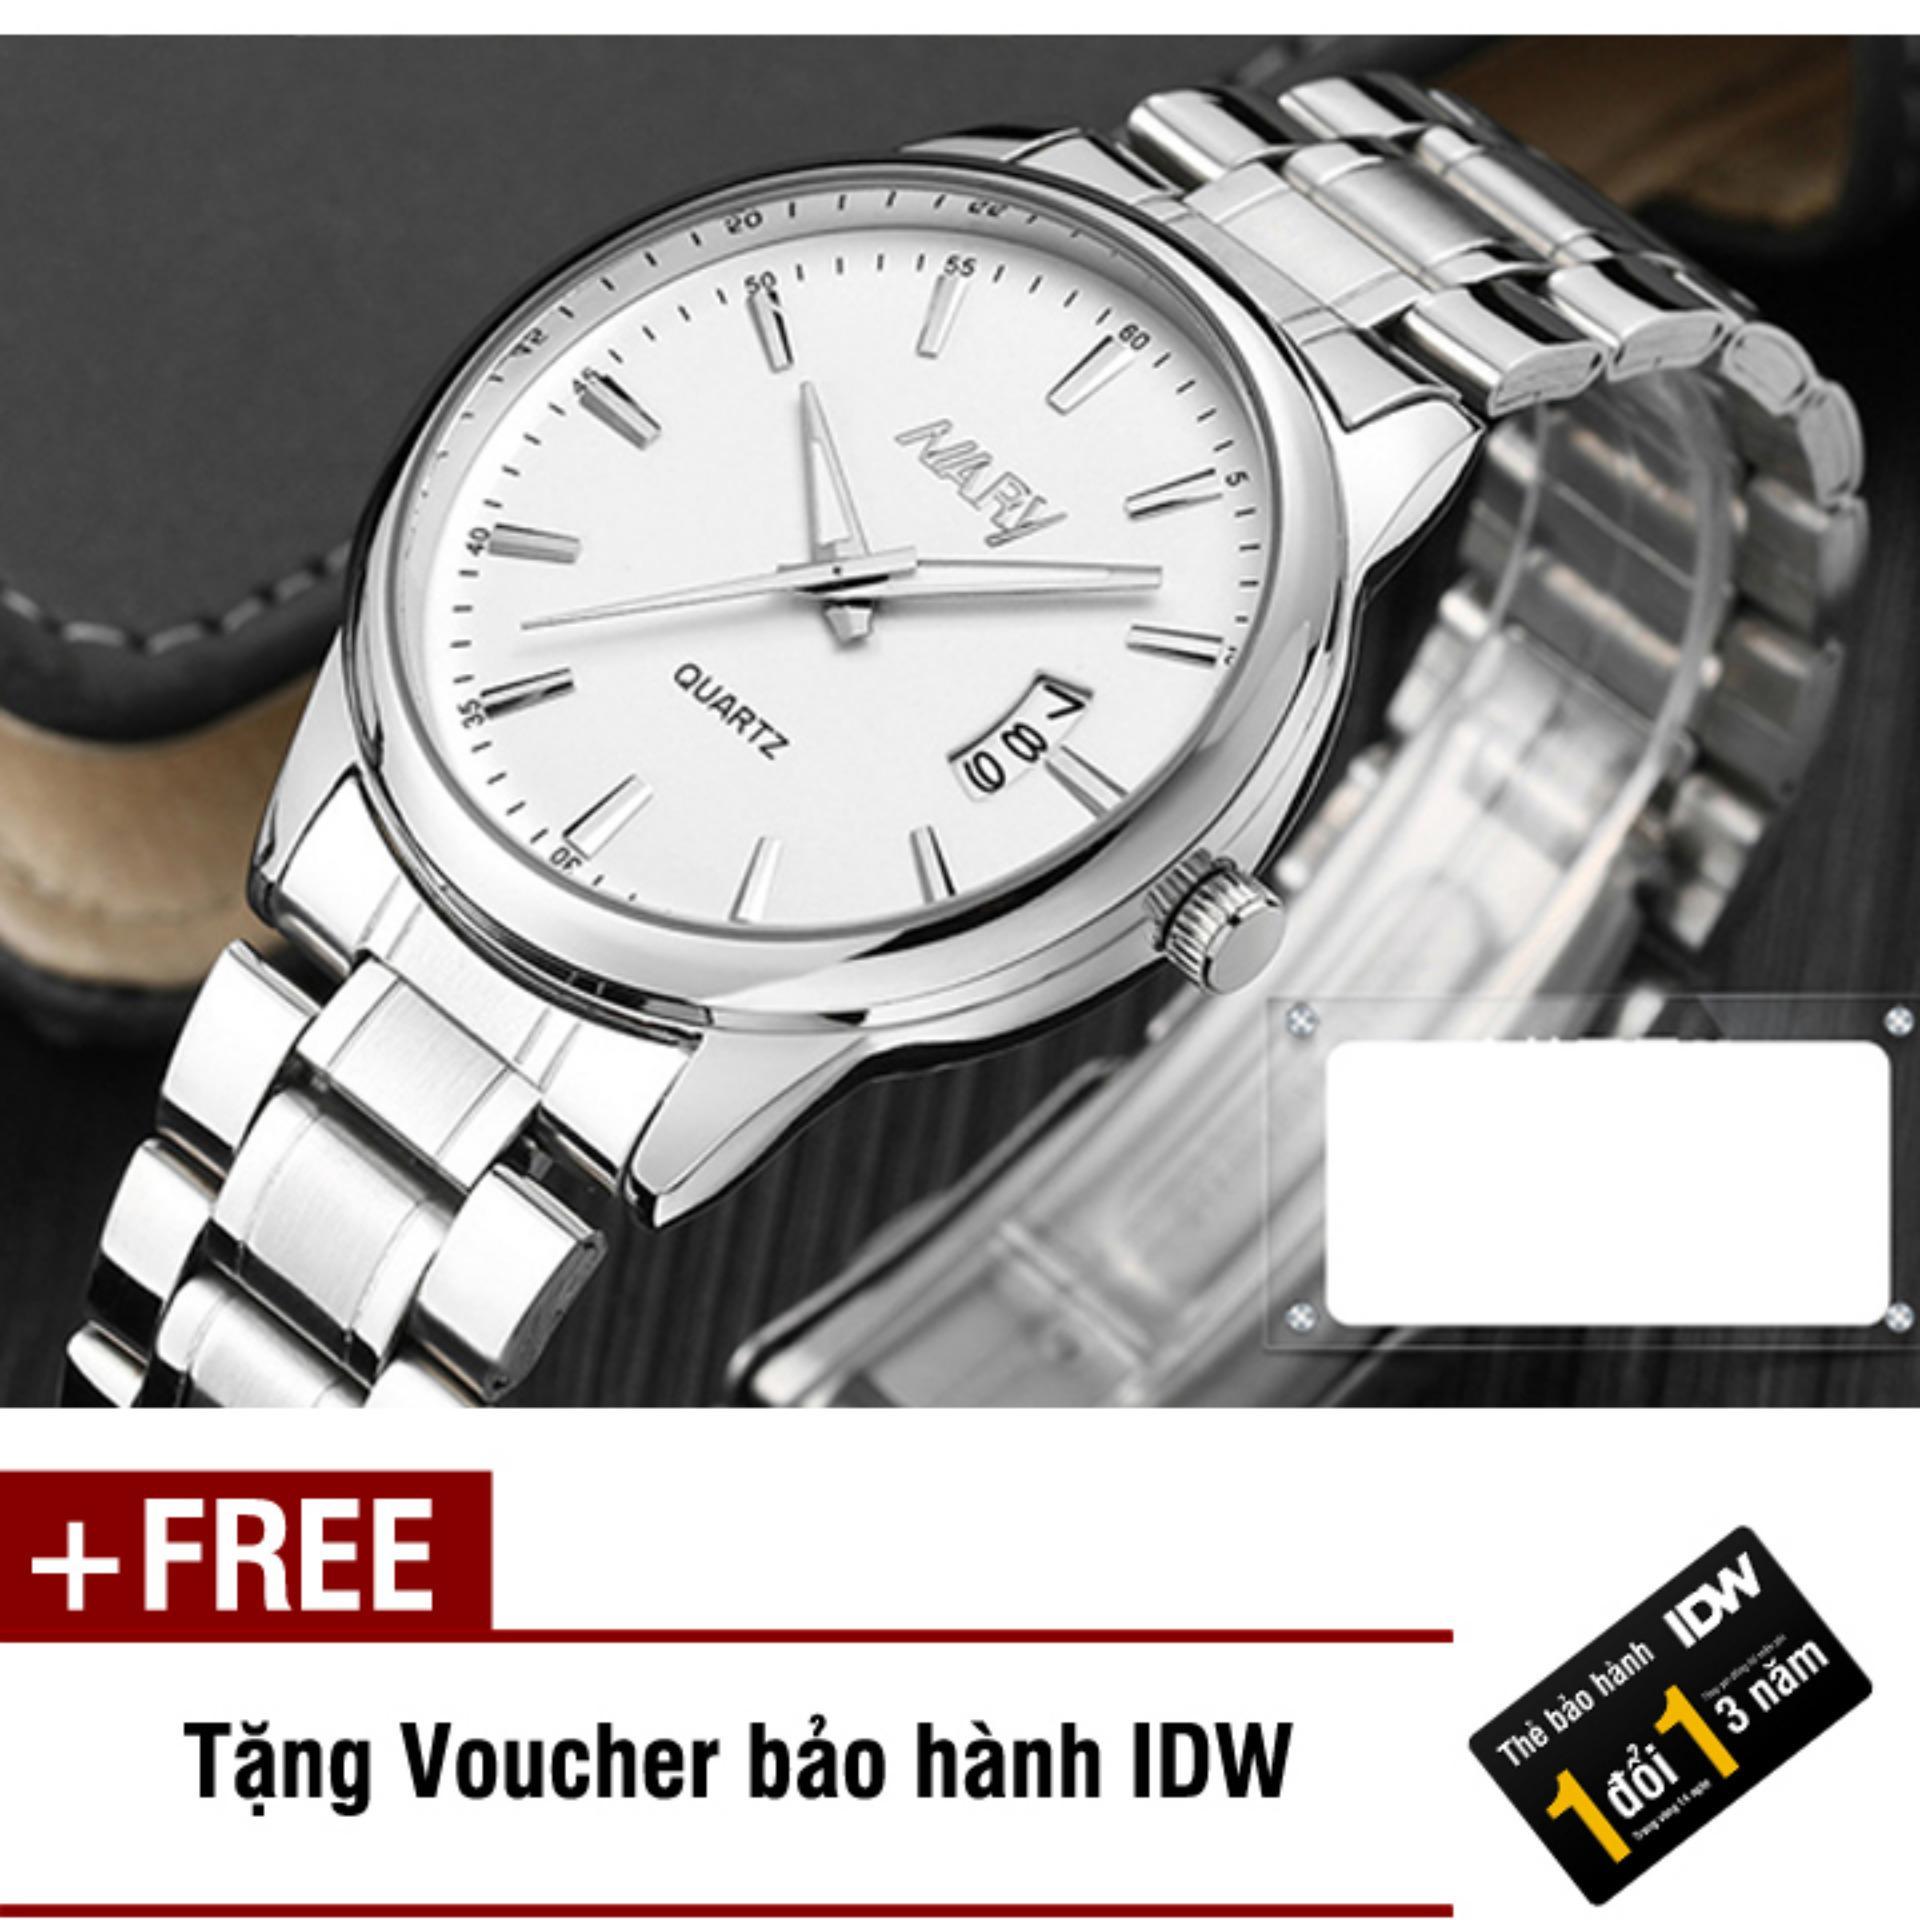 Đồng hồ nam dây thép không gỉ cao cấp Nary IDW 2522 (Mặt trắng) + Tặng kèm voucher bảo hành IDW